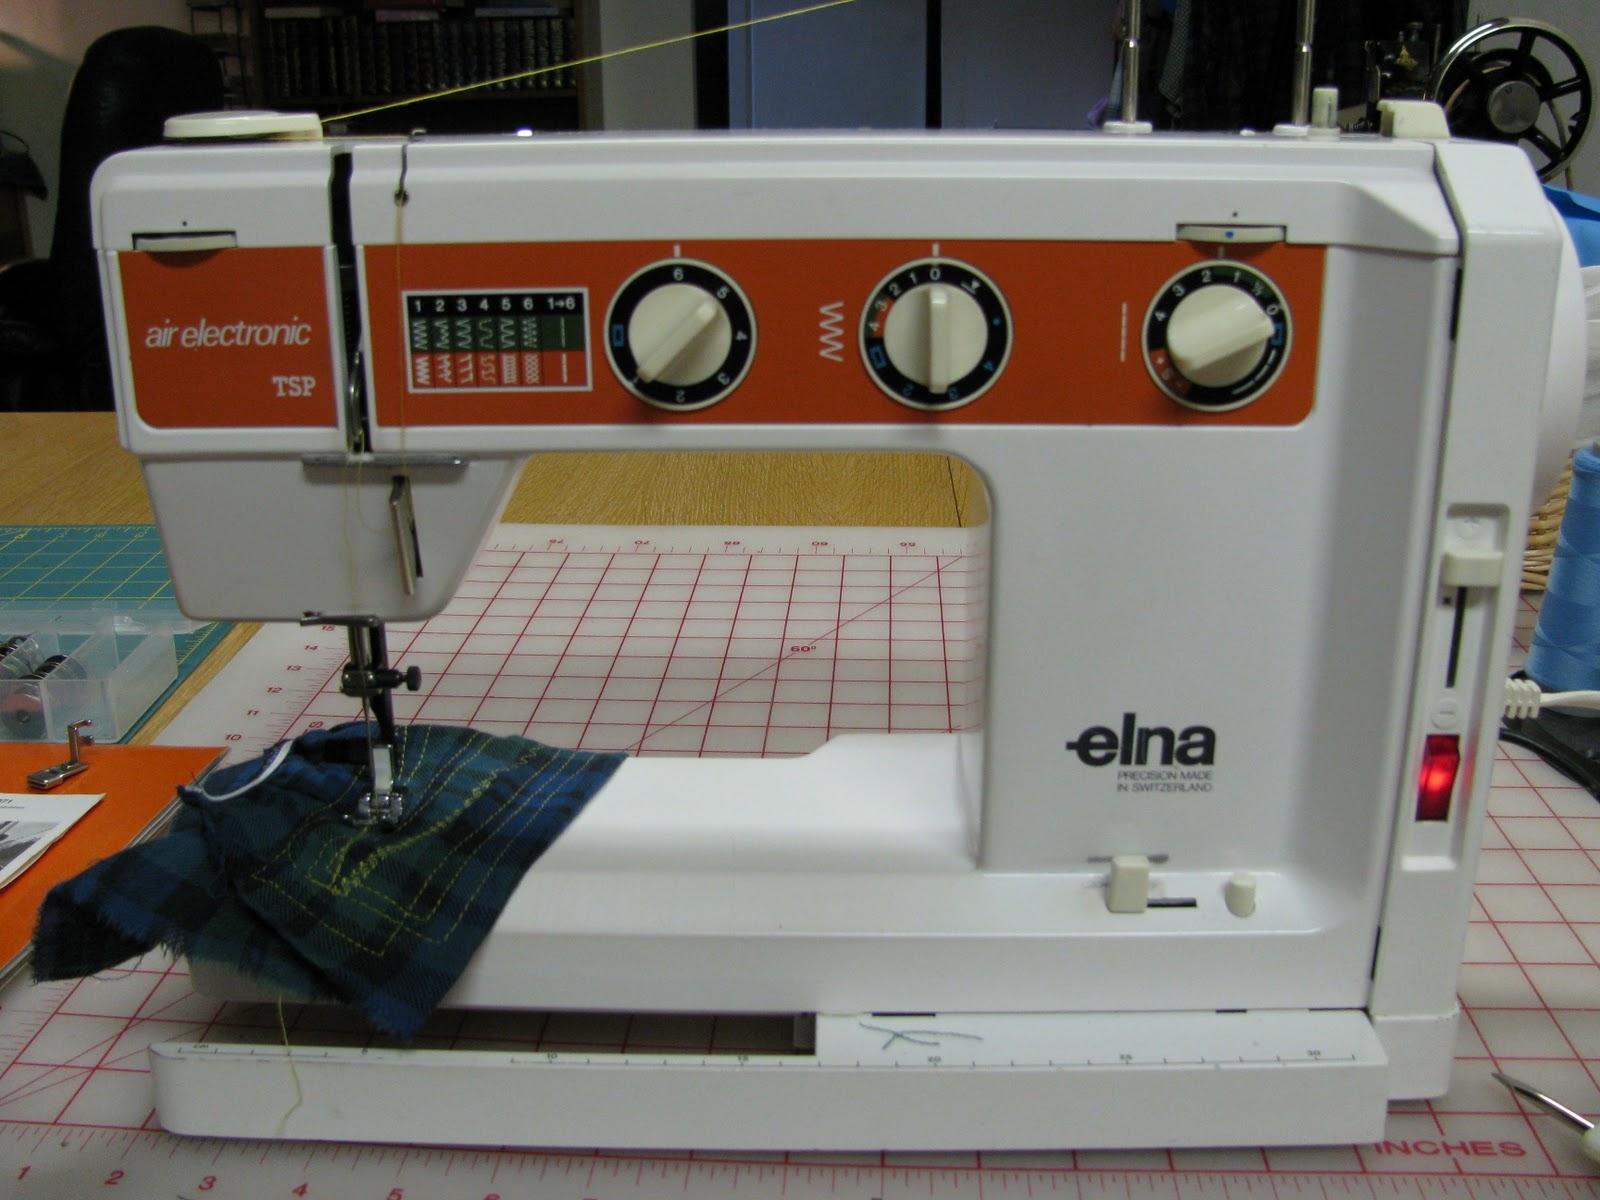 tammy s craft emporium 1976 elna air electronic tsp rh tammyscraftemporium blogspot com elna carina sewing machine manual free Elna SU Sewing Machine Manual